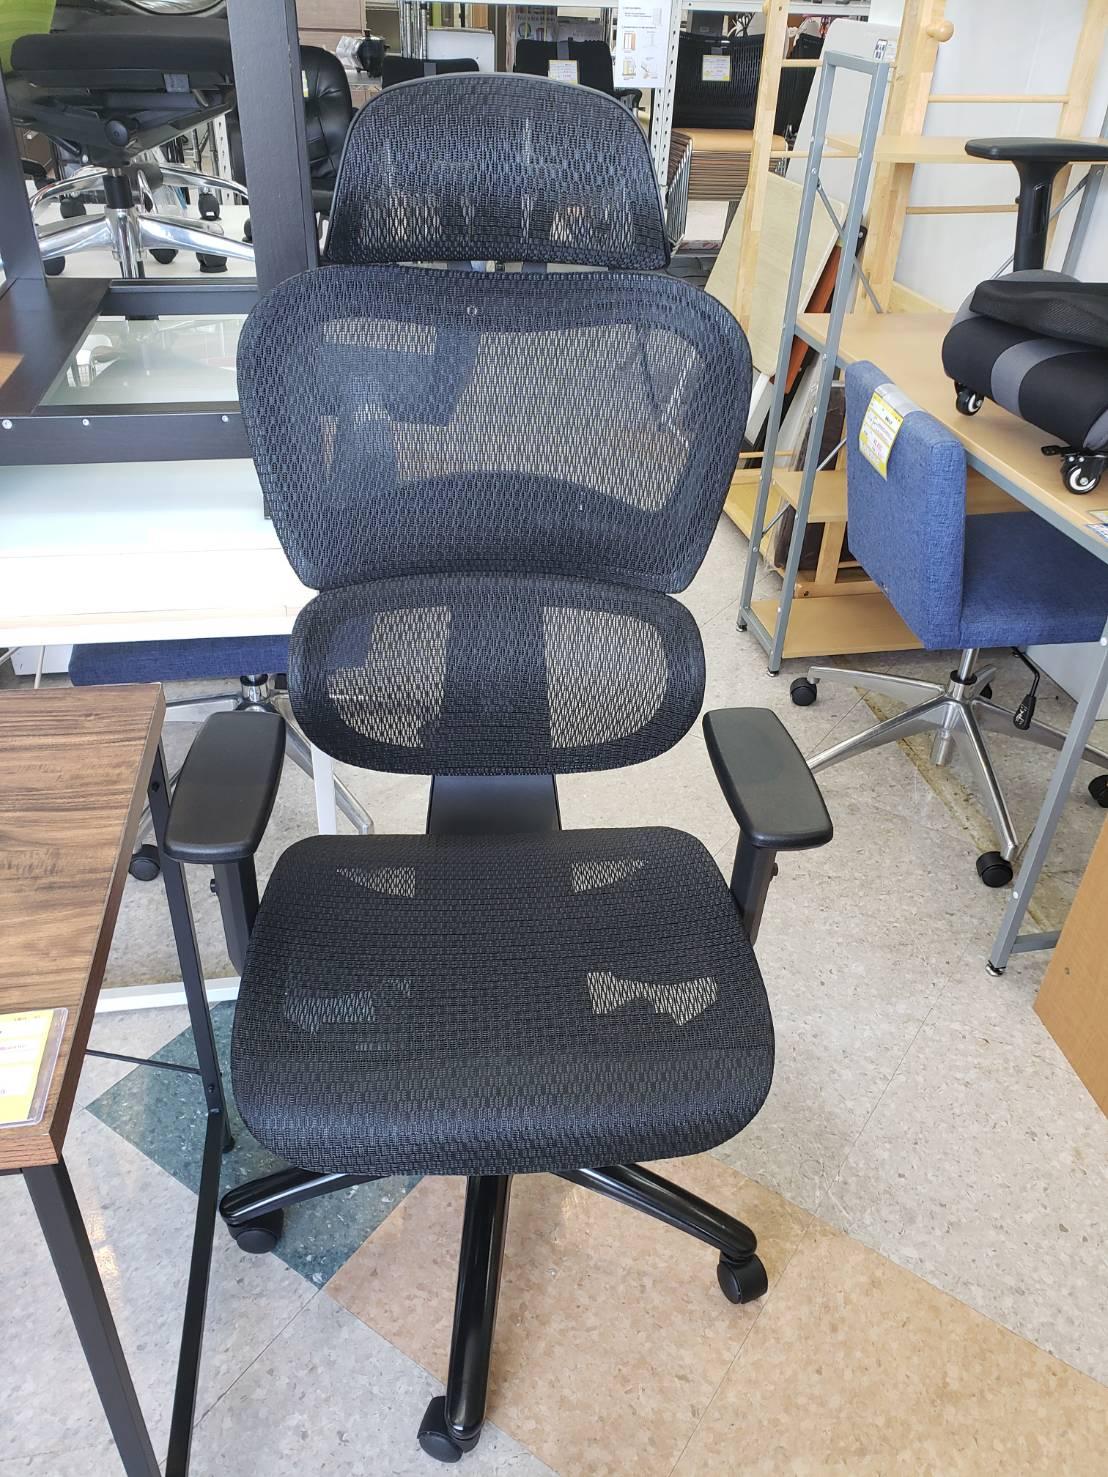 【Komene(コメネ) / 人間工学椅子 /  メッシュチェア /  リクライニングチェア /   ハイバック メッシュ】買い取りさせて頂きました!!の買取-